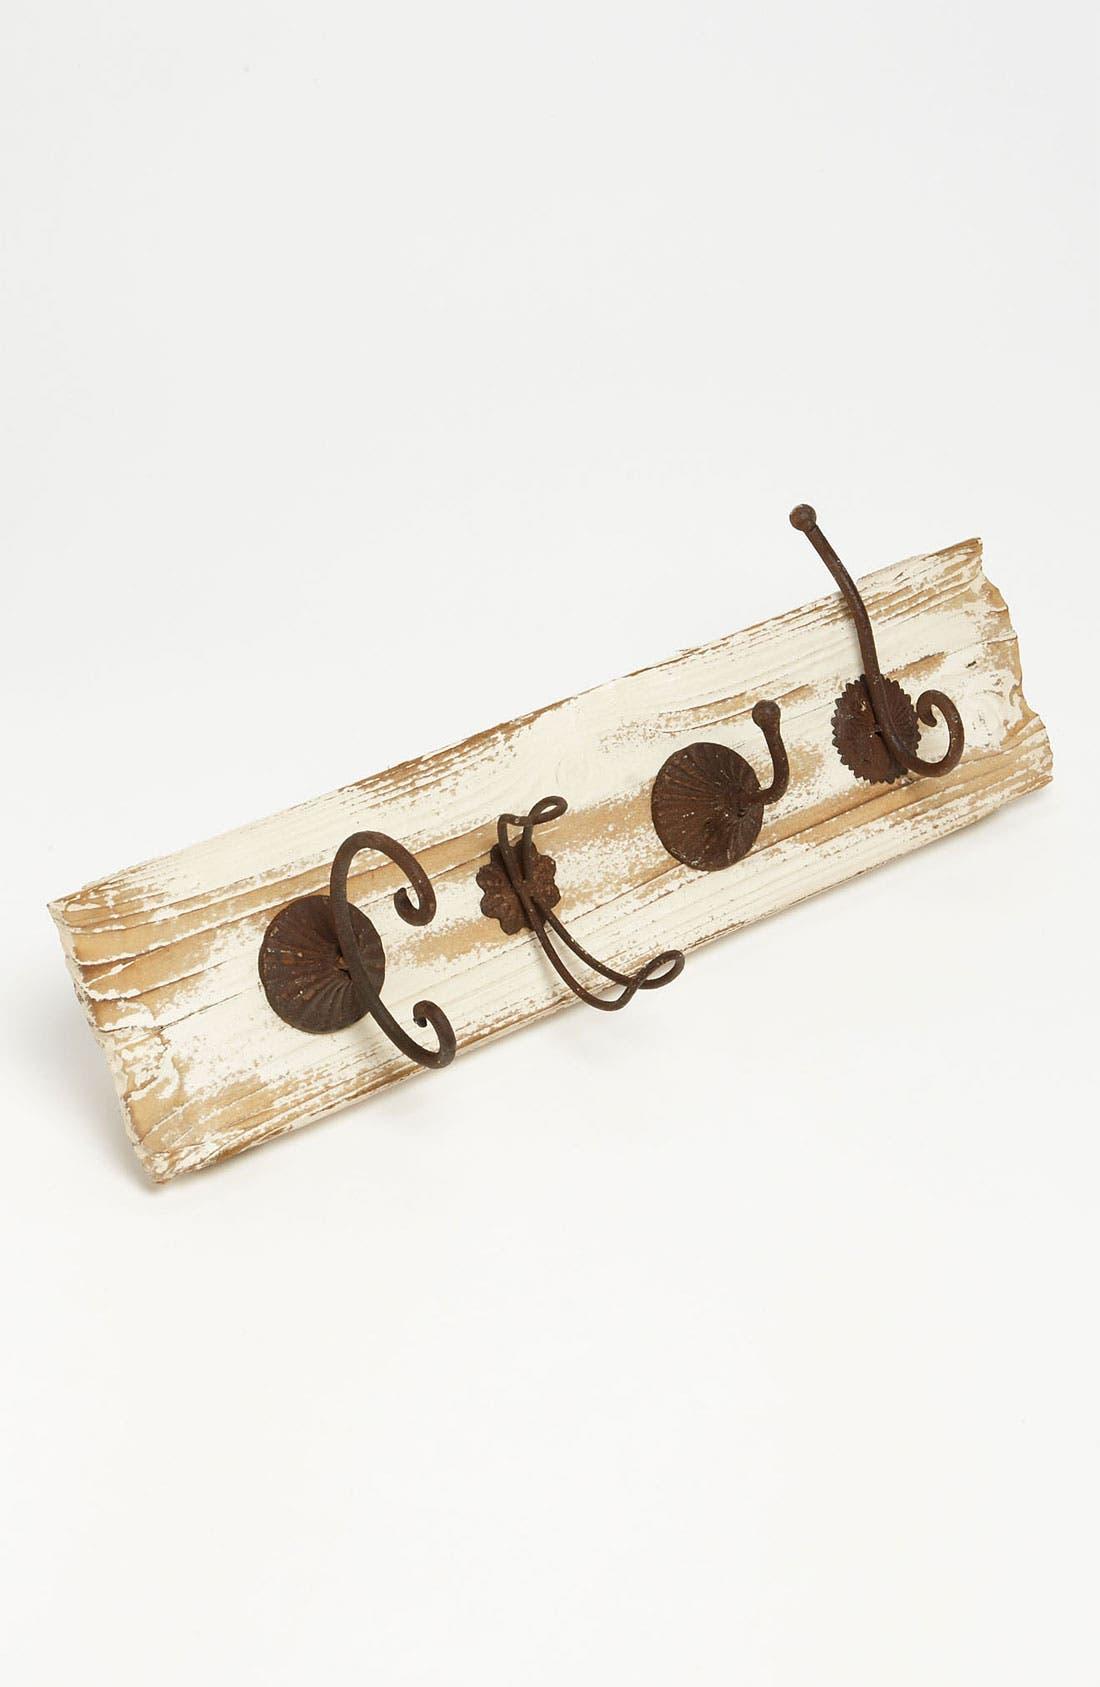 Main Image - Distressed Wood Coat Rack